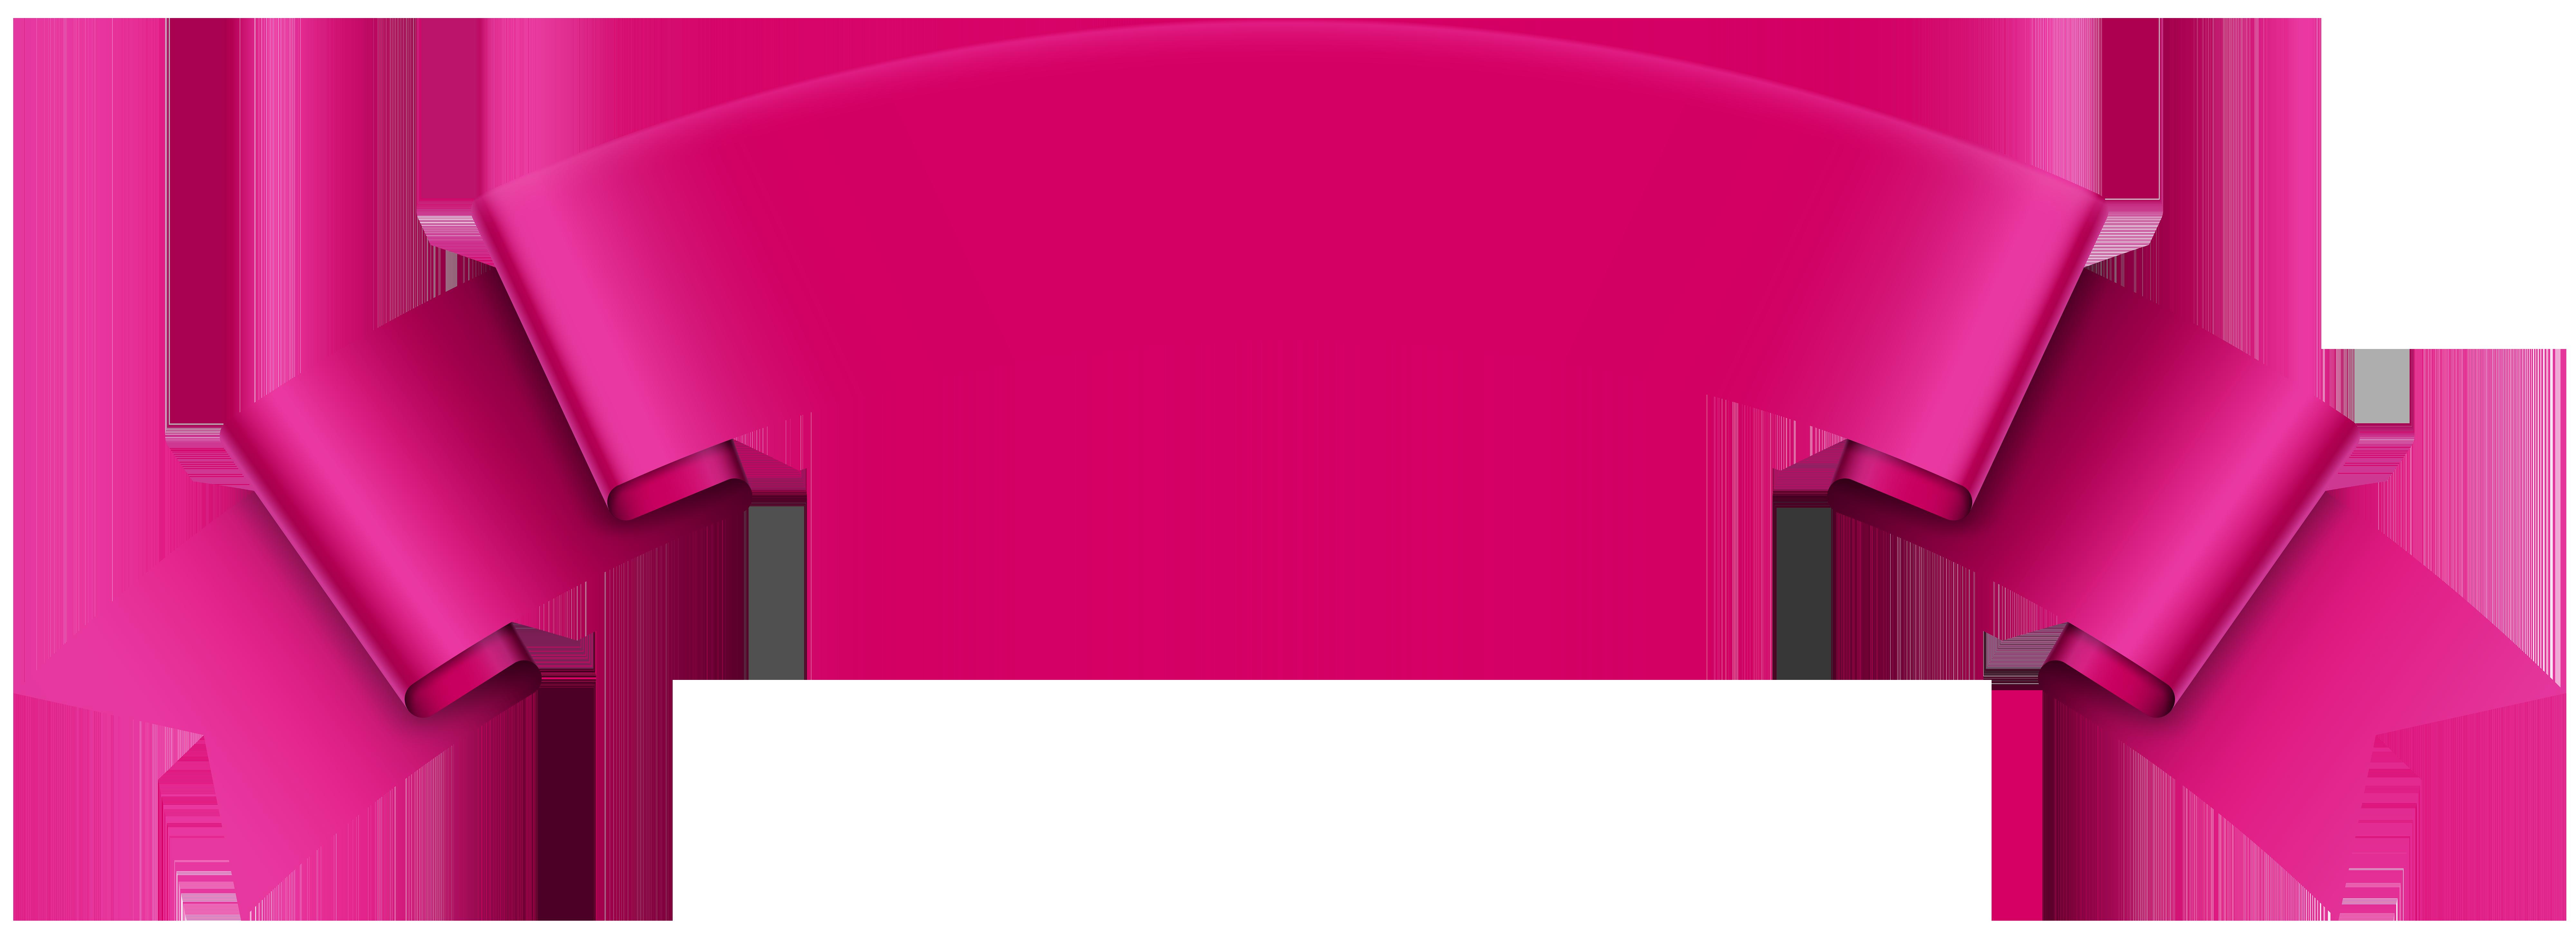 Banner transparent png clip. Medal clipart pink